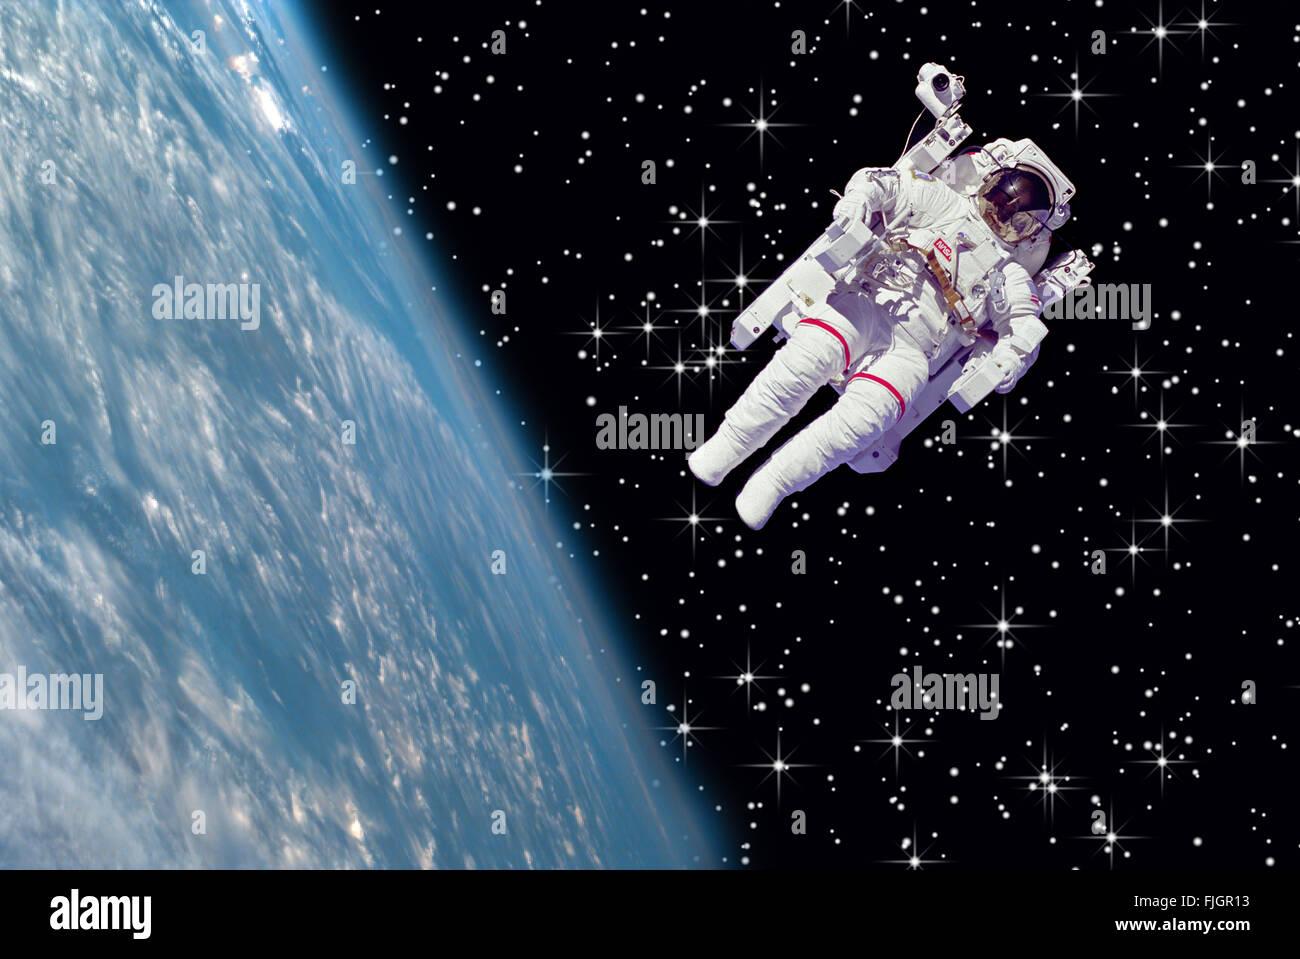 Image de la NASA la terre de l'astronaute de l'espace étoile flottante Photo Stock